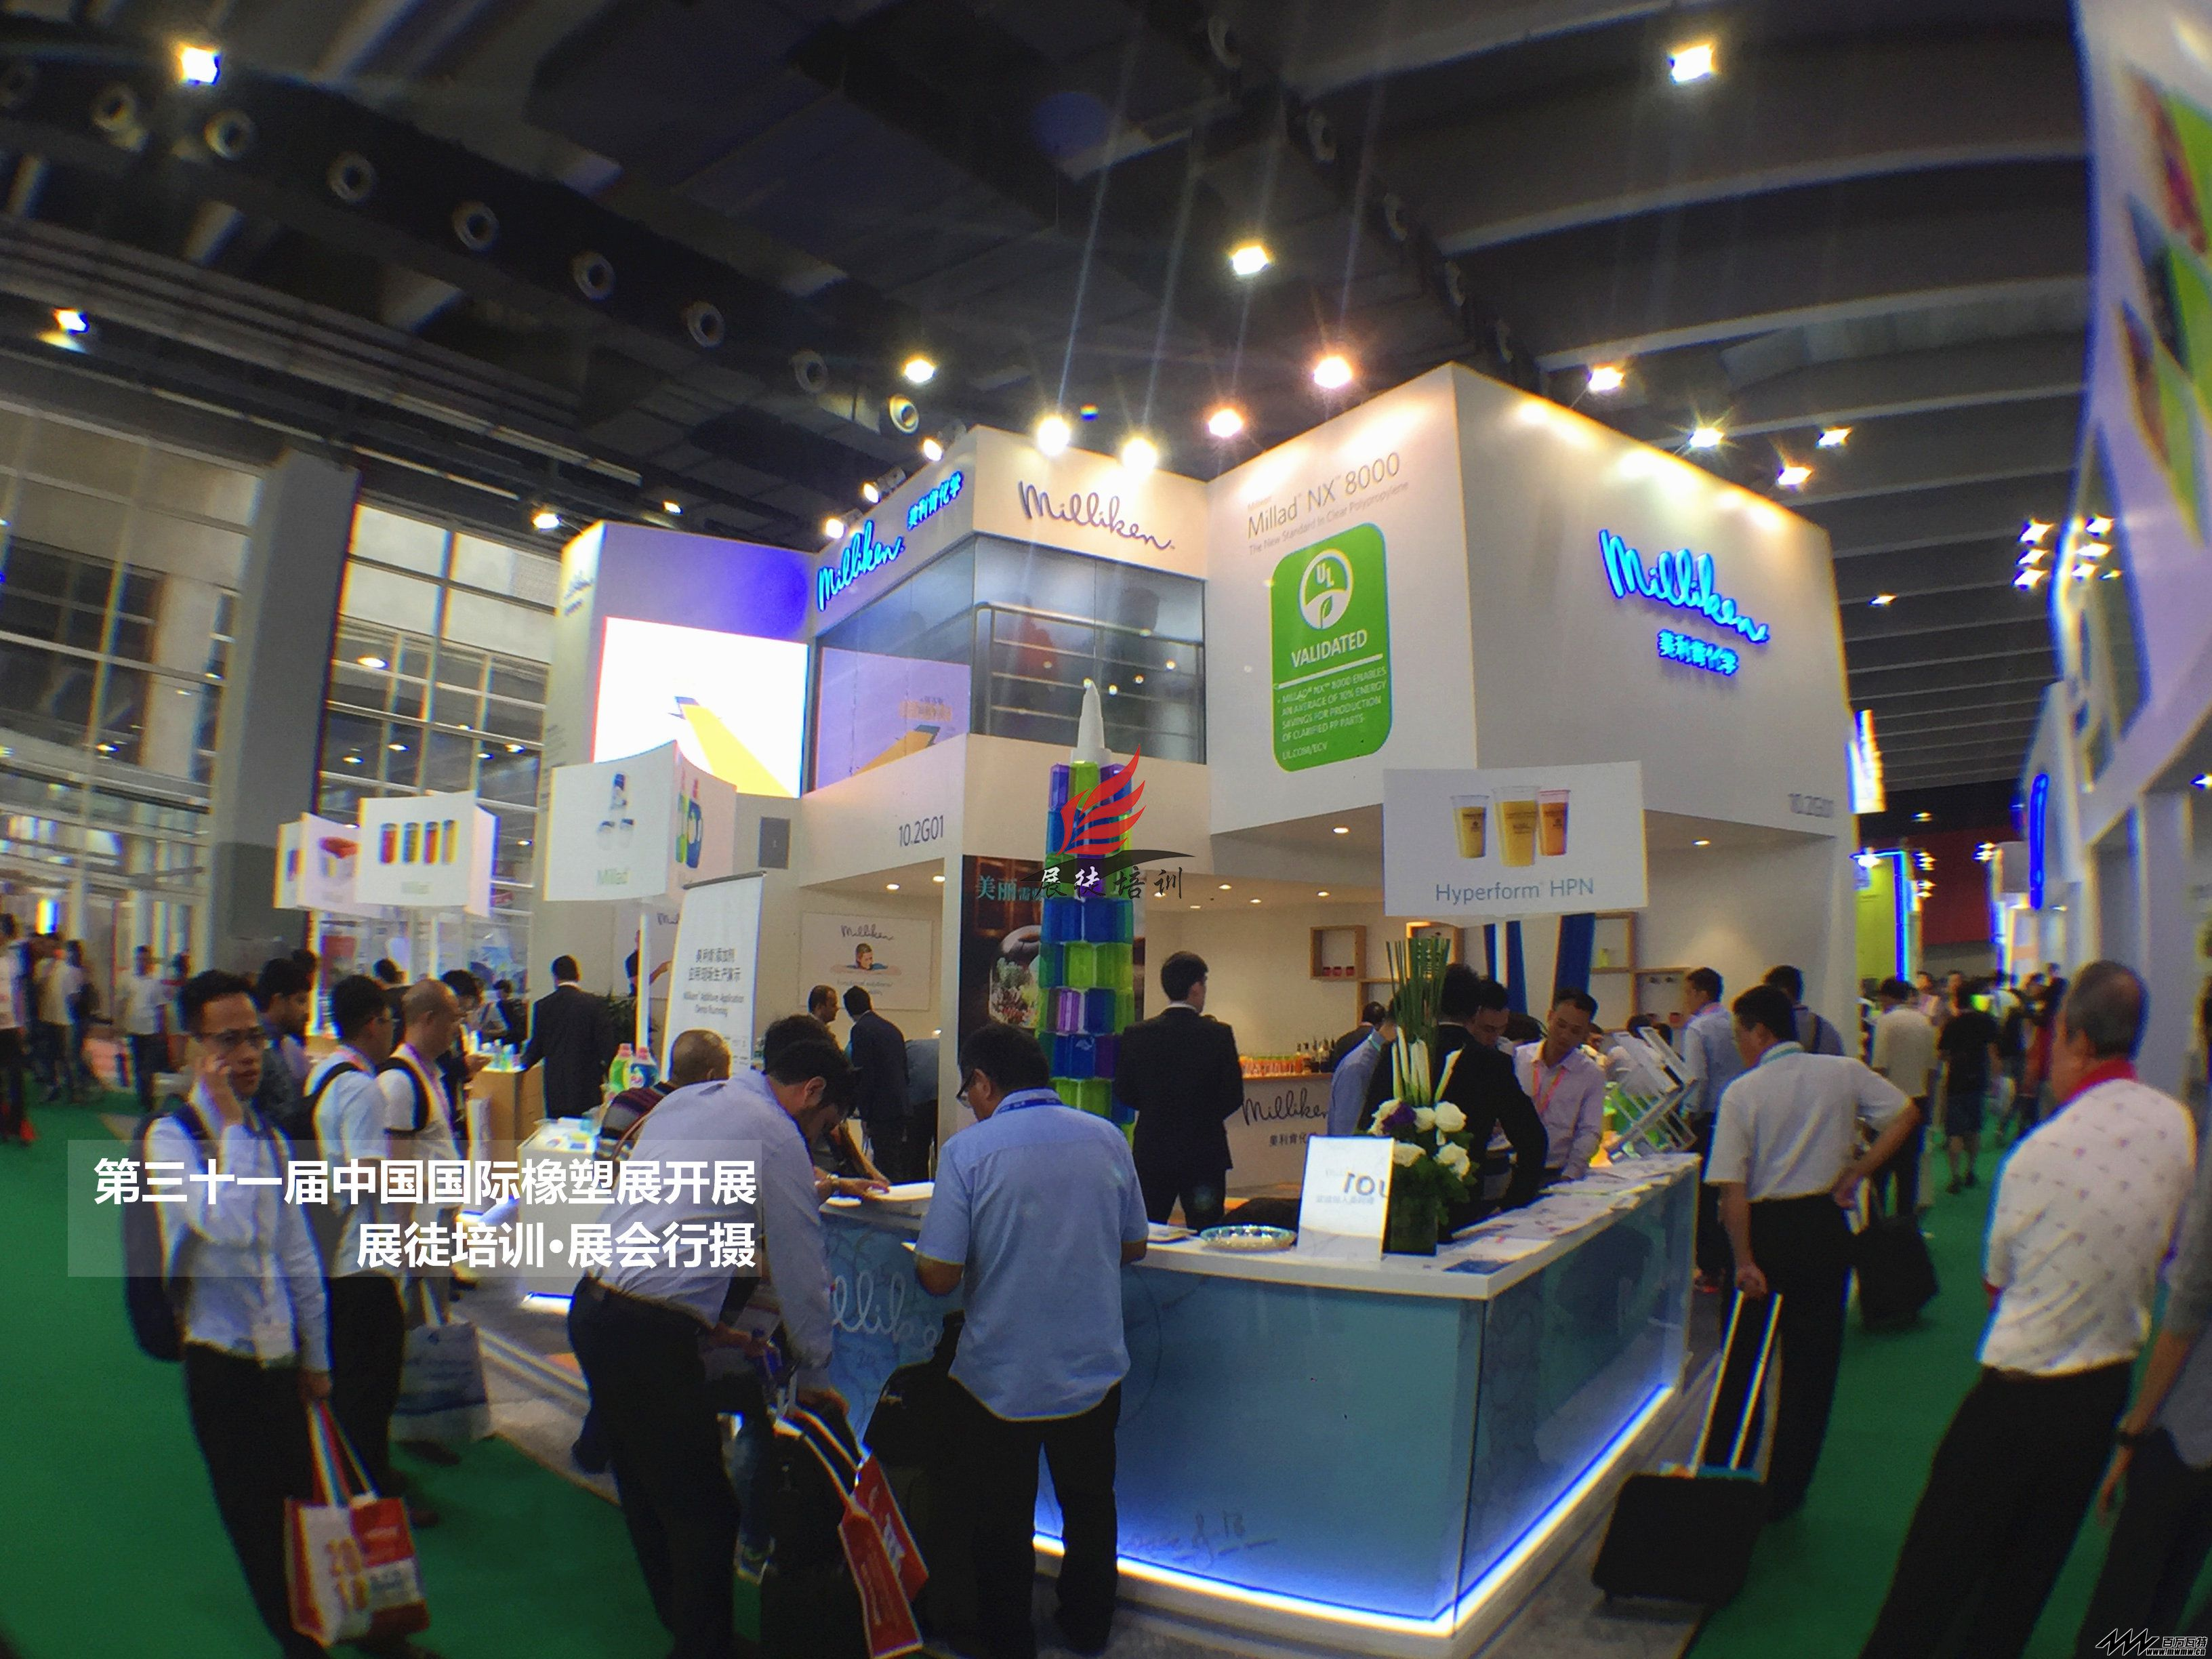 2017第三十一届中国国际橡塑展·展徒培训·展会行摄 (52) - 副本.JPG